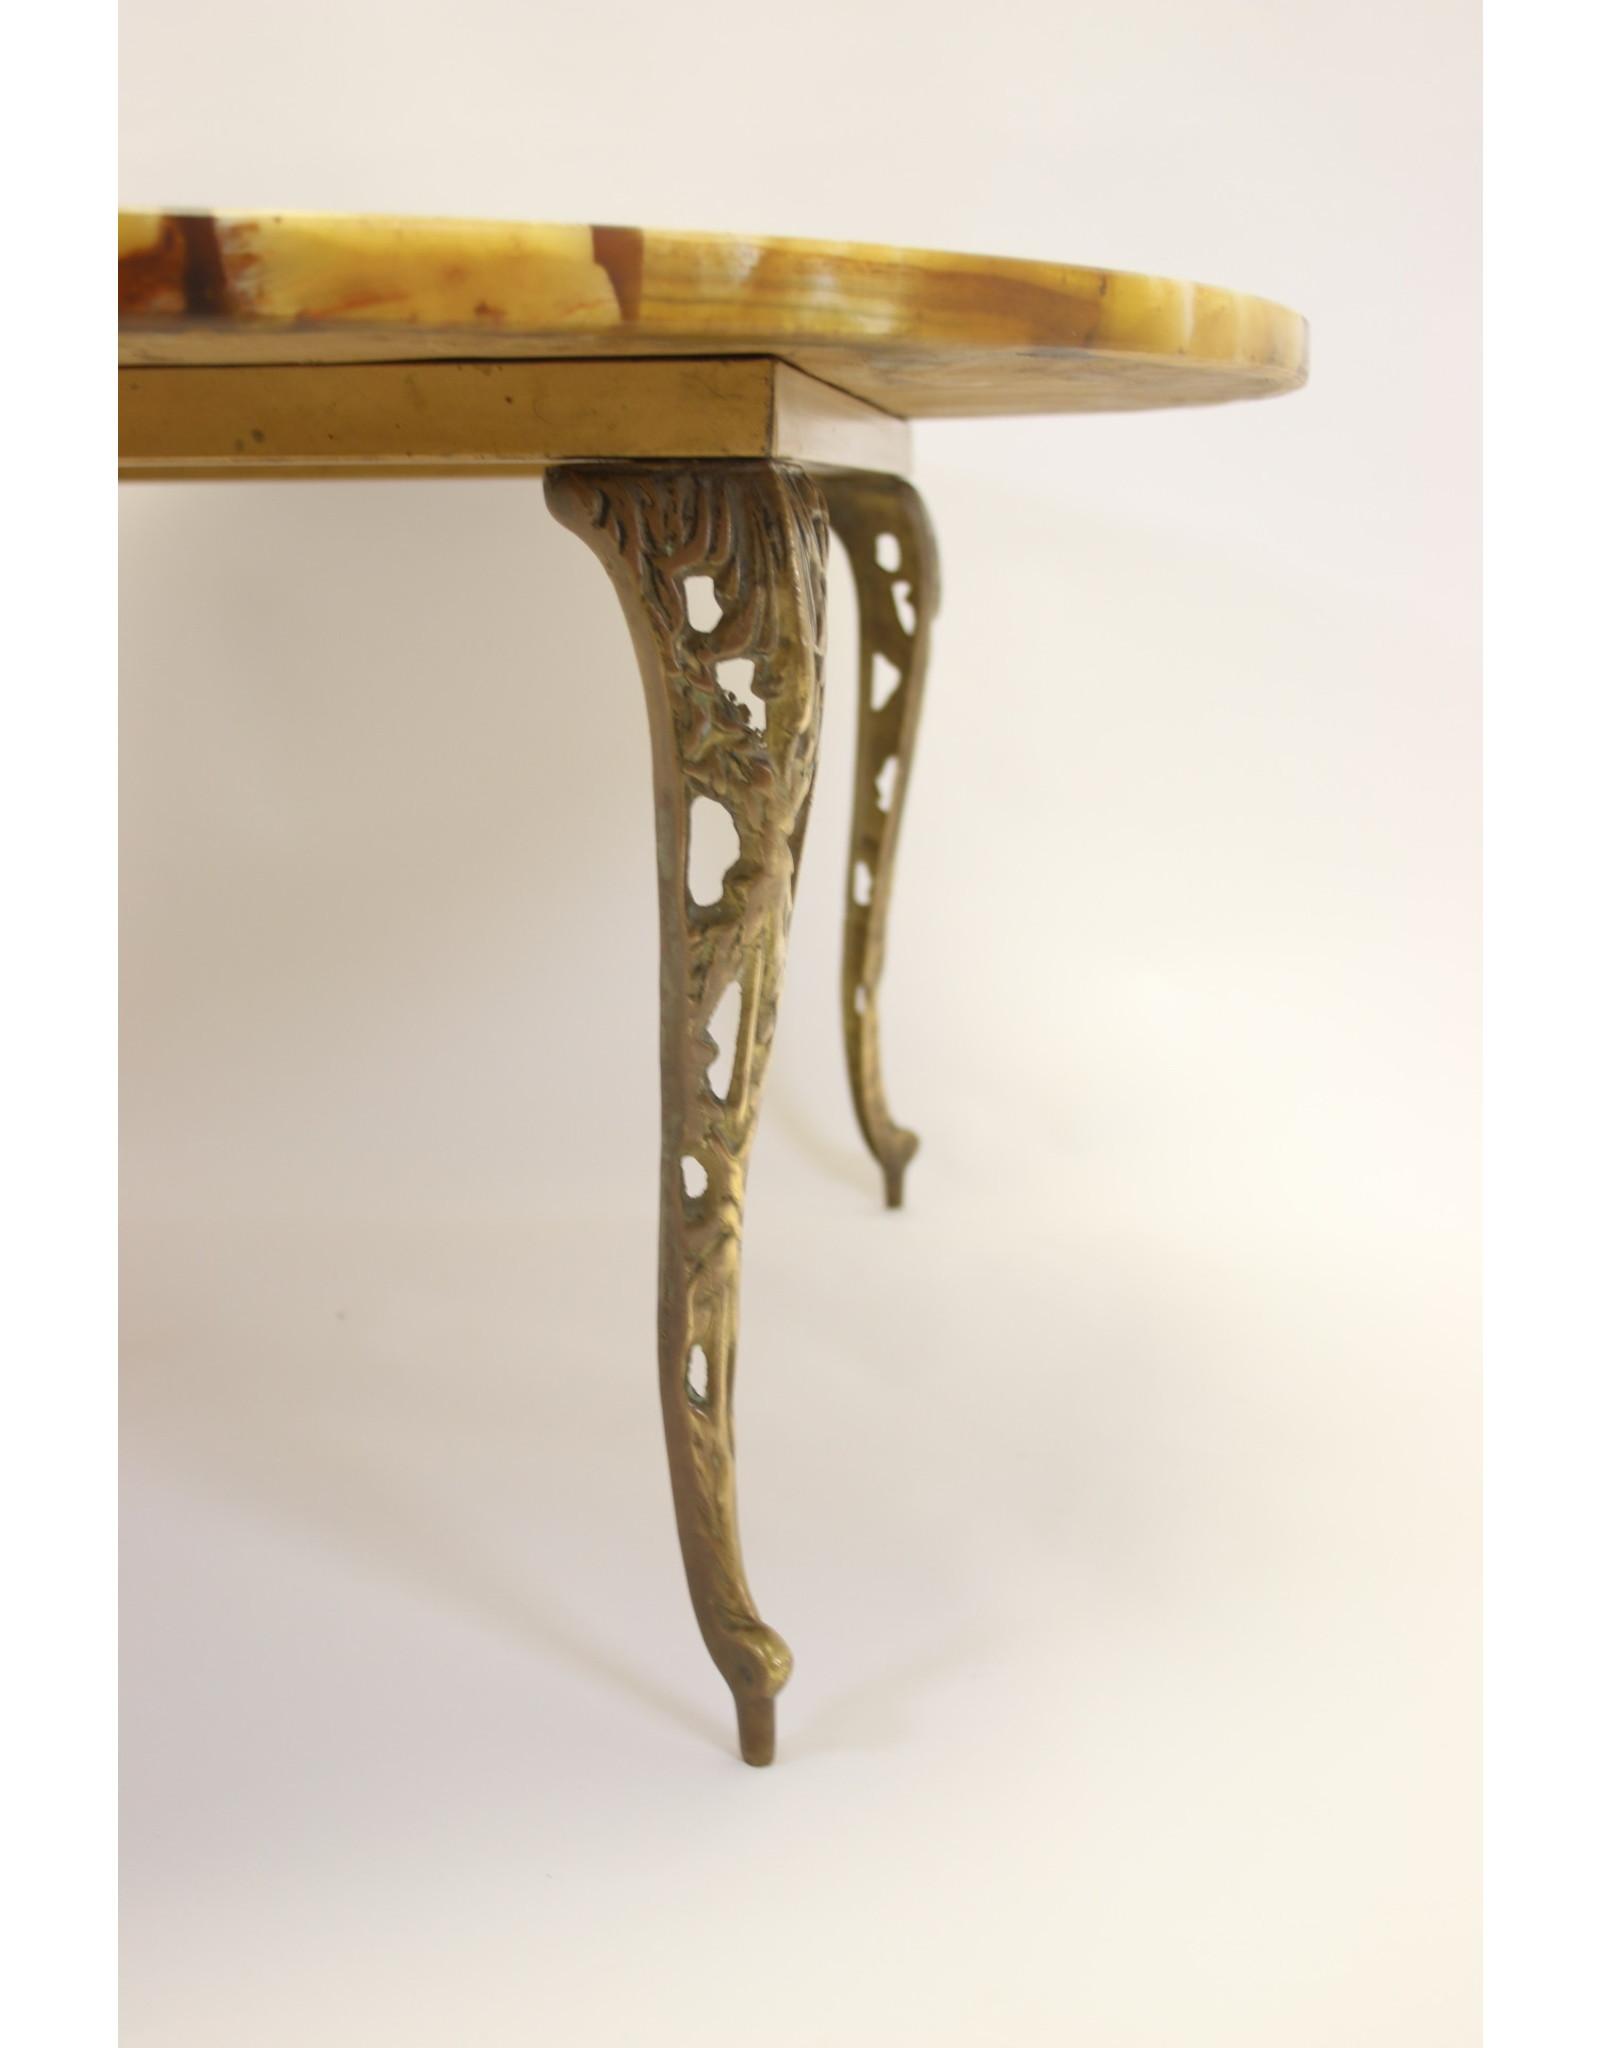 marmer epoxy salontafel 1960's